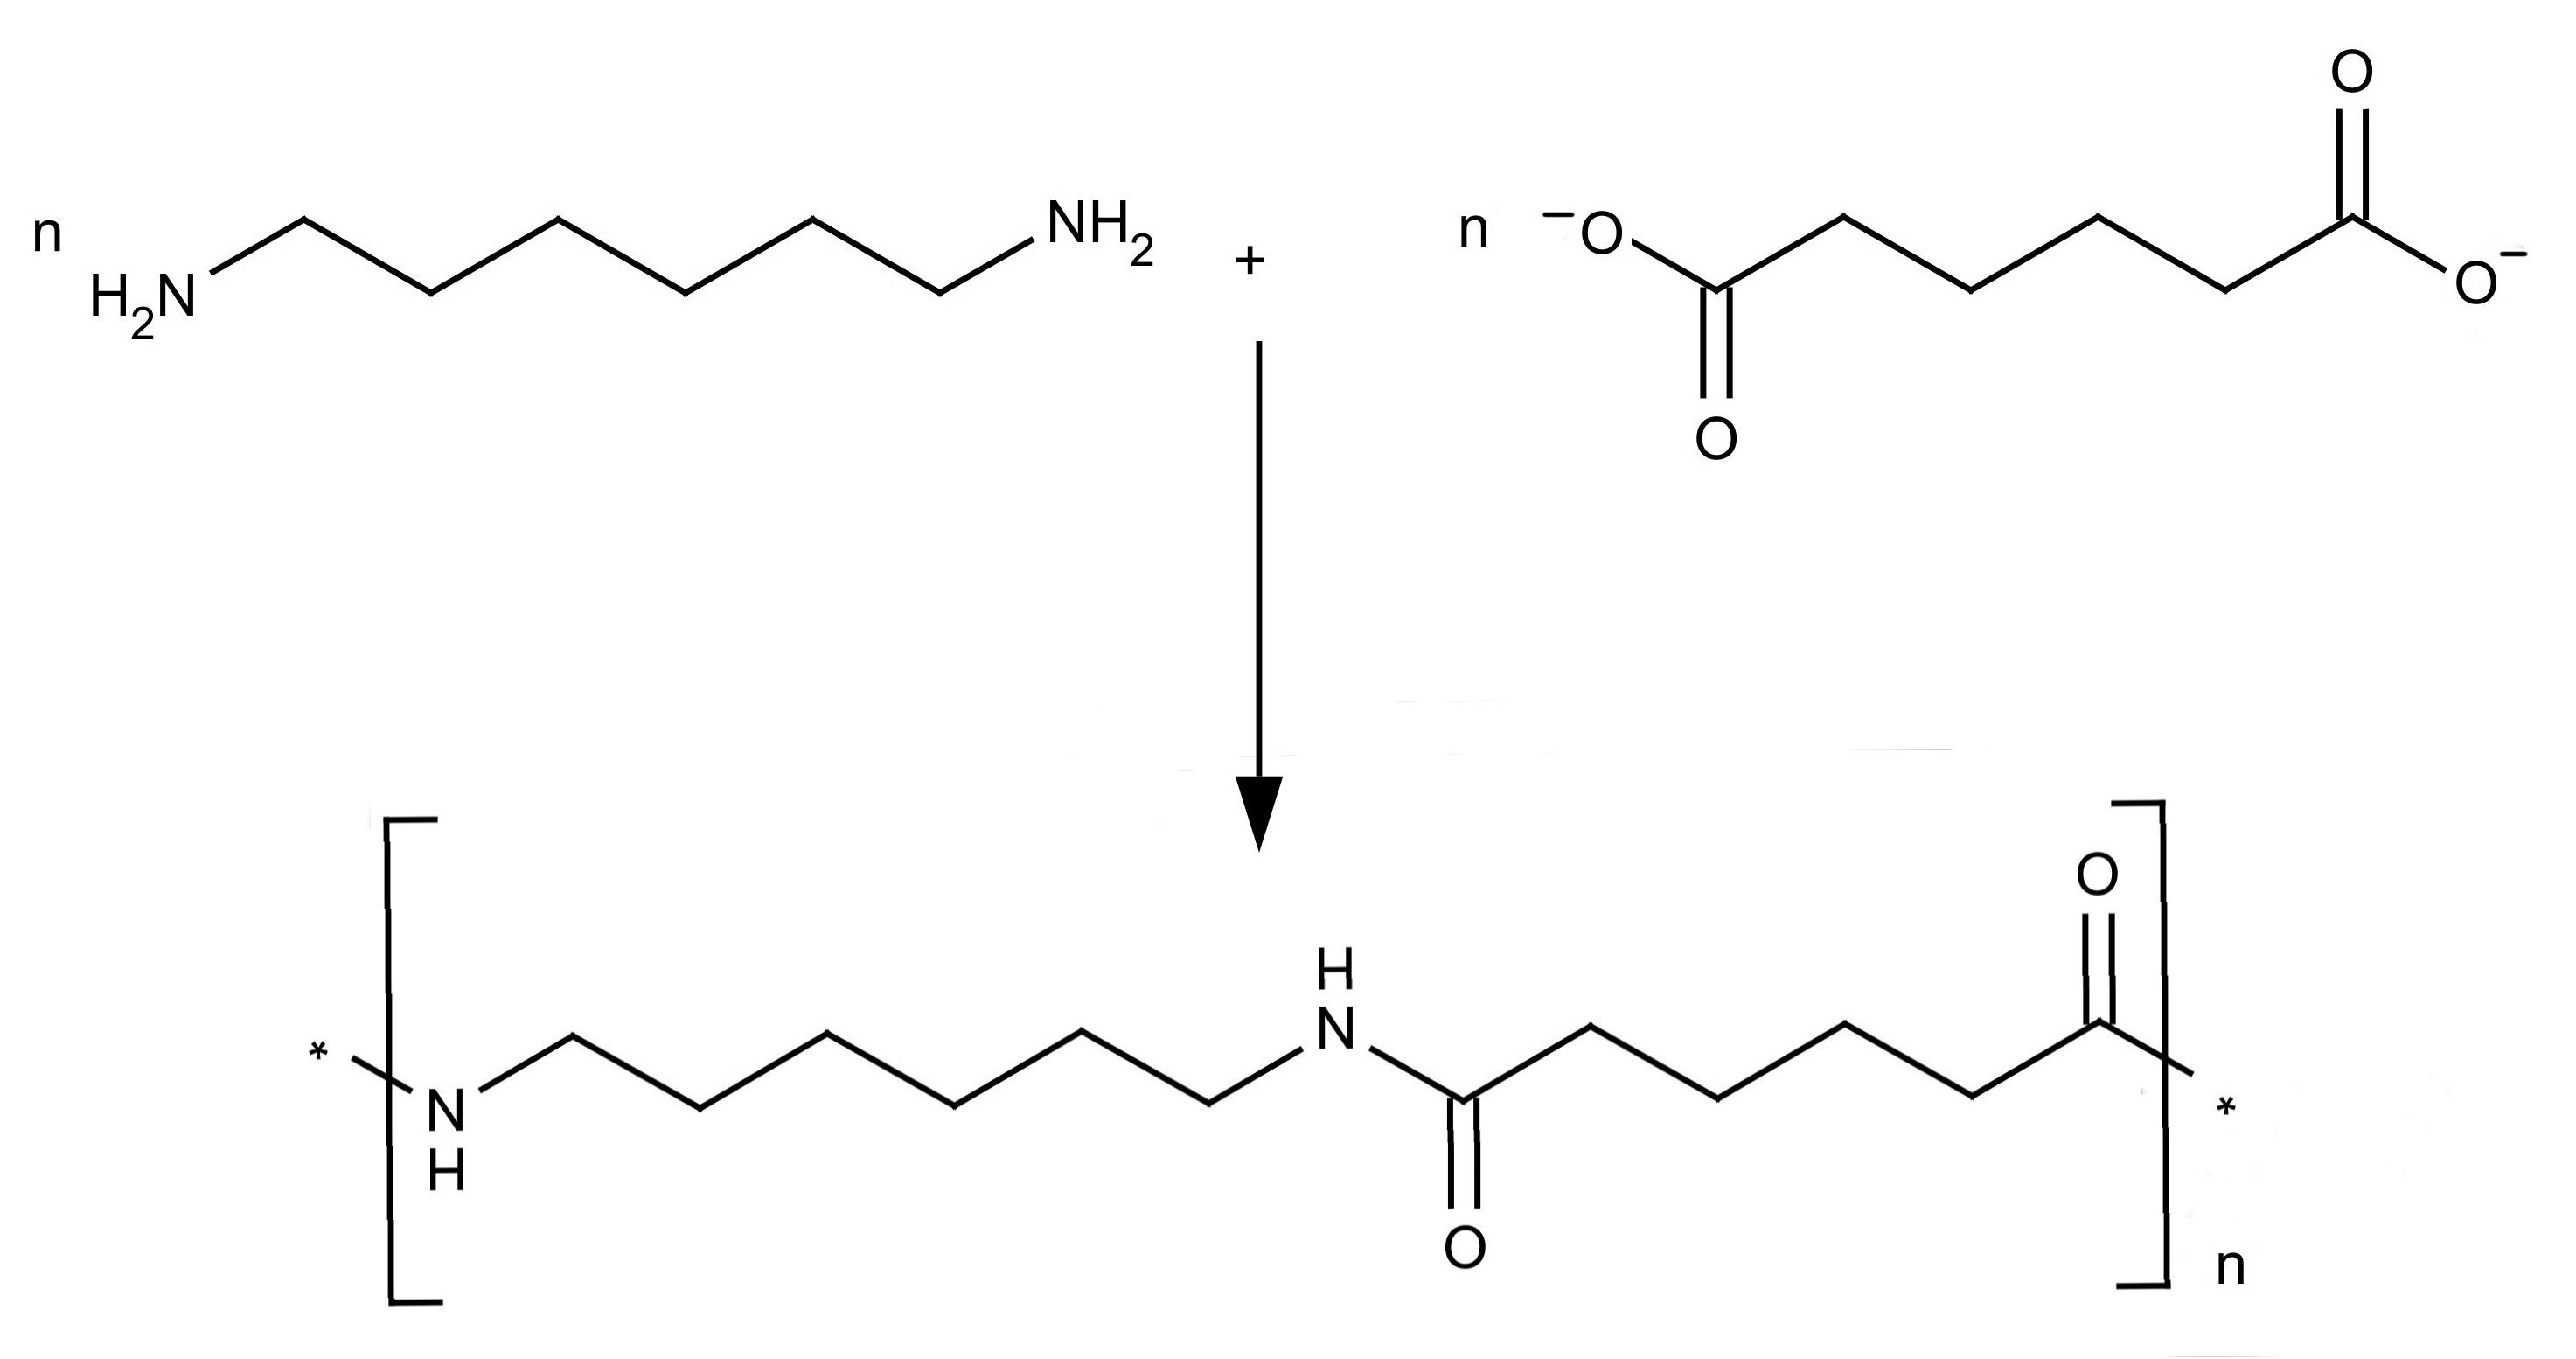 Nylon Monomer Diagram